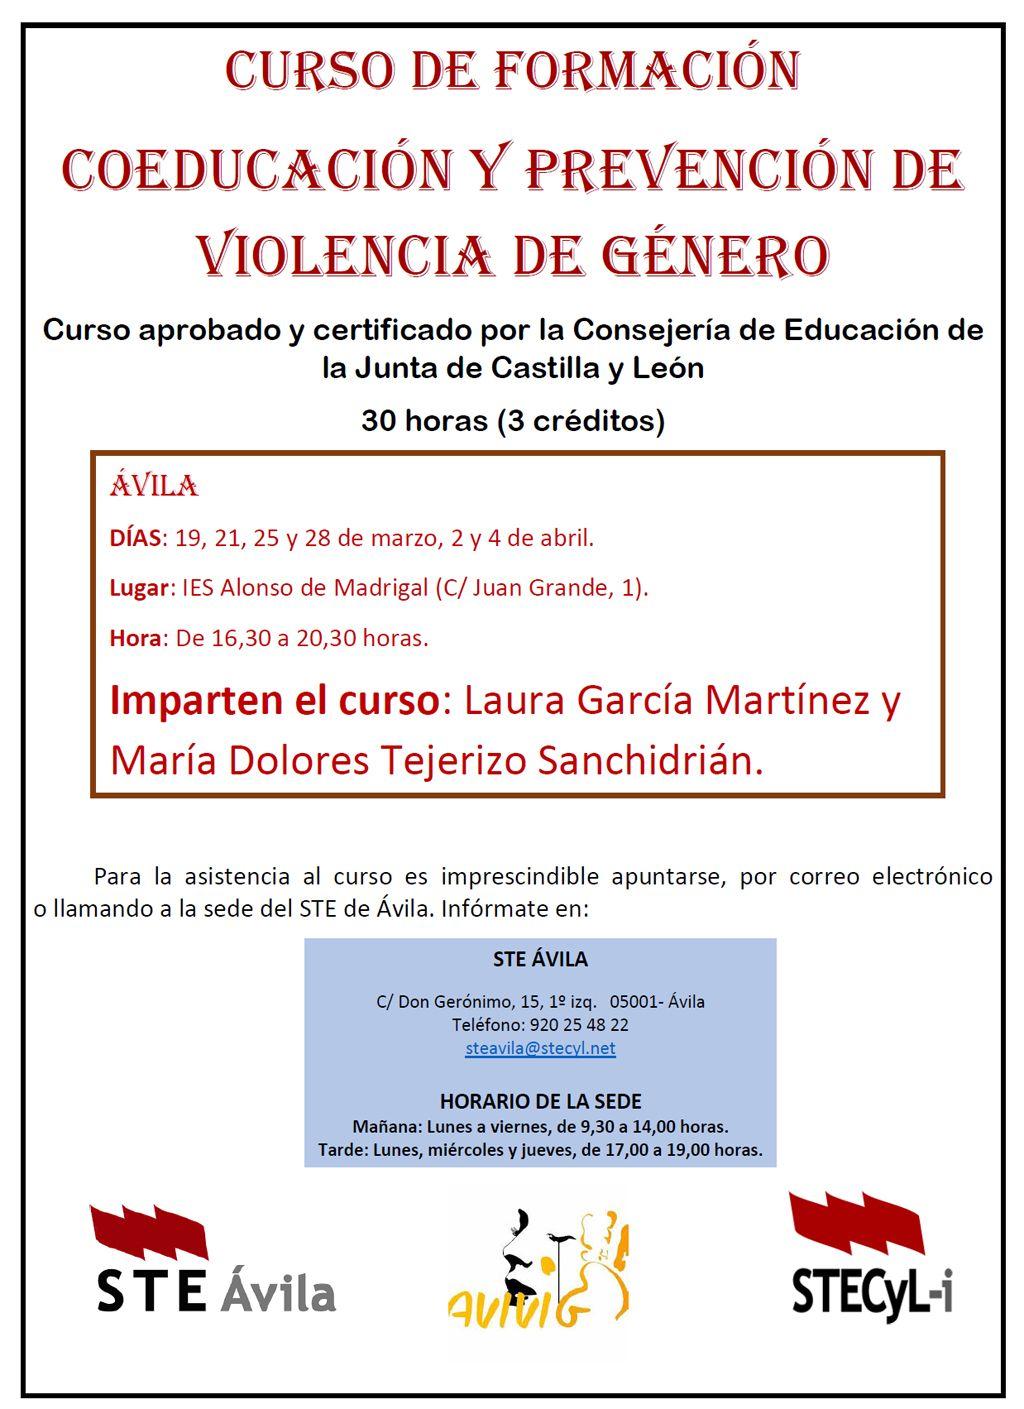 Curso-Coeducacion_Violencia-Genero-AV-Cartel